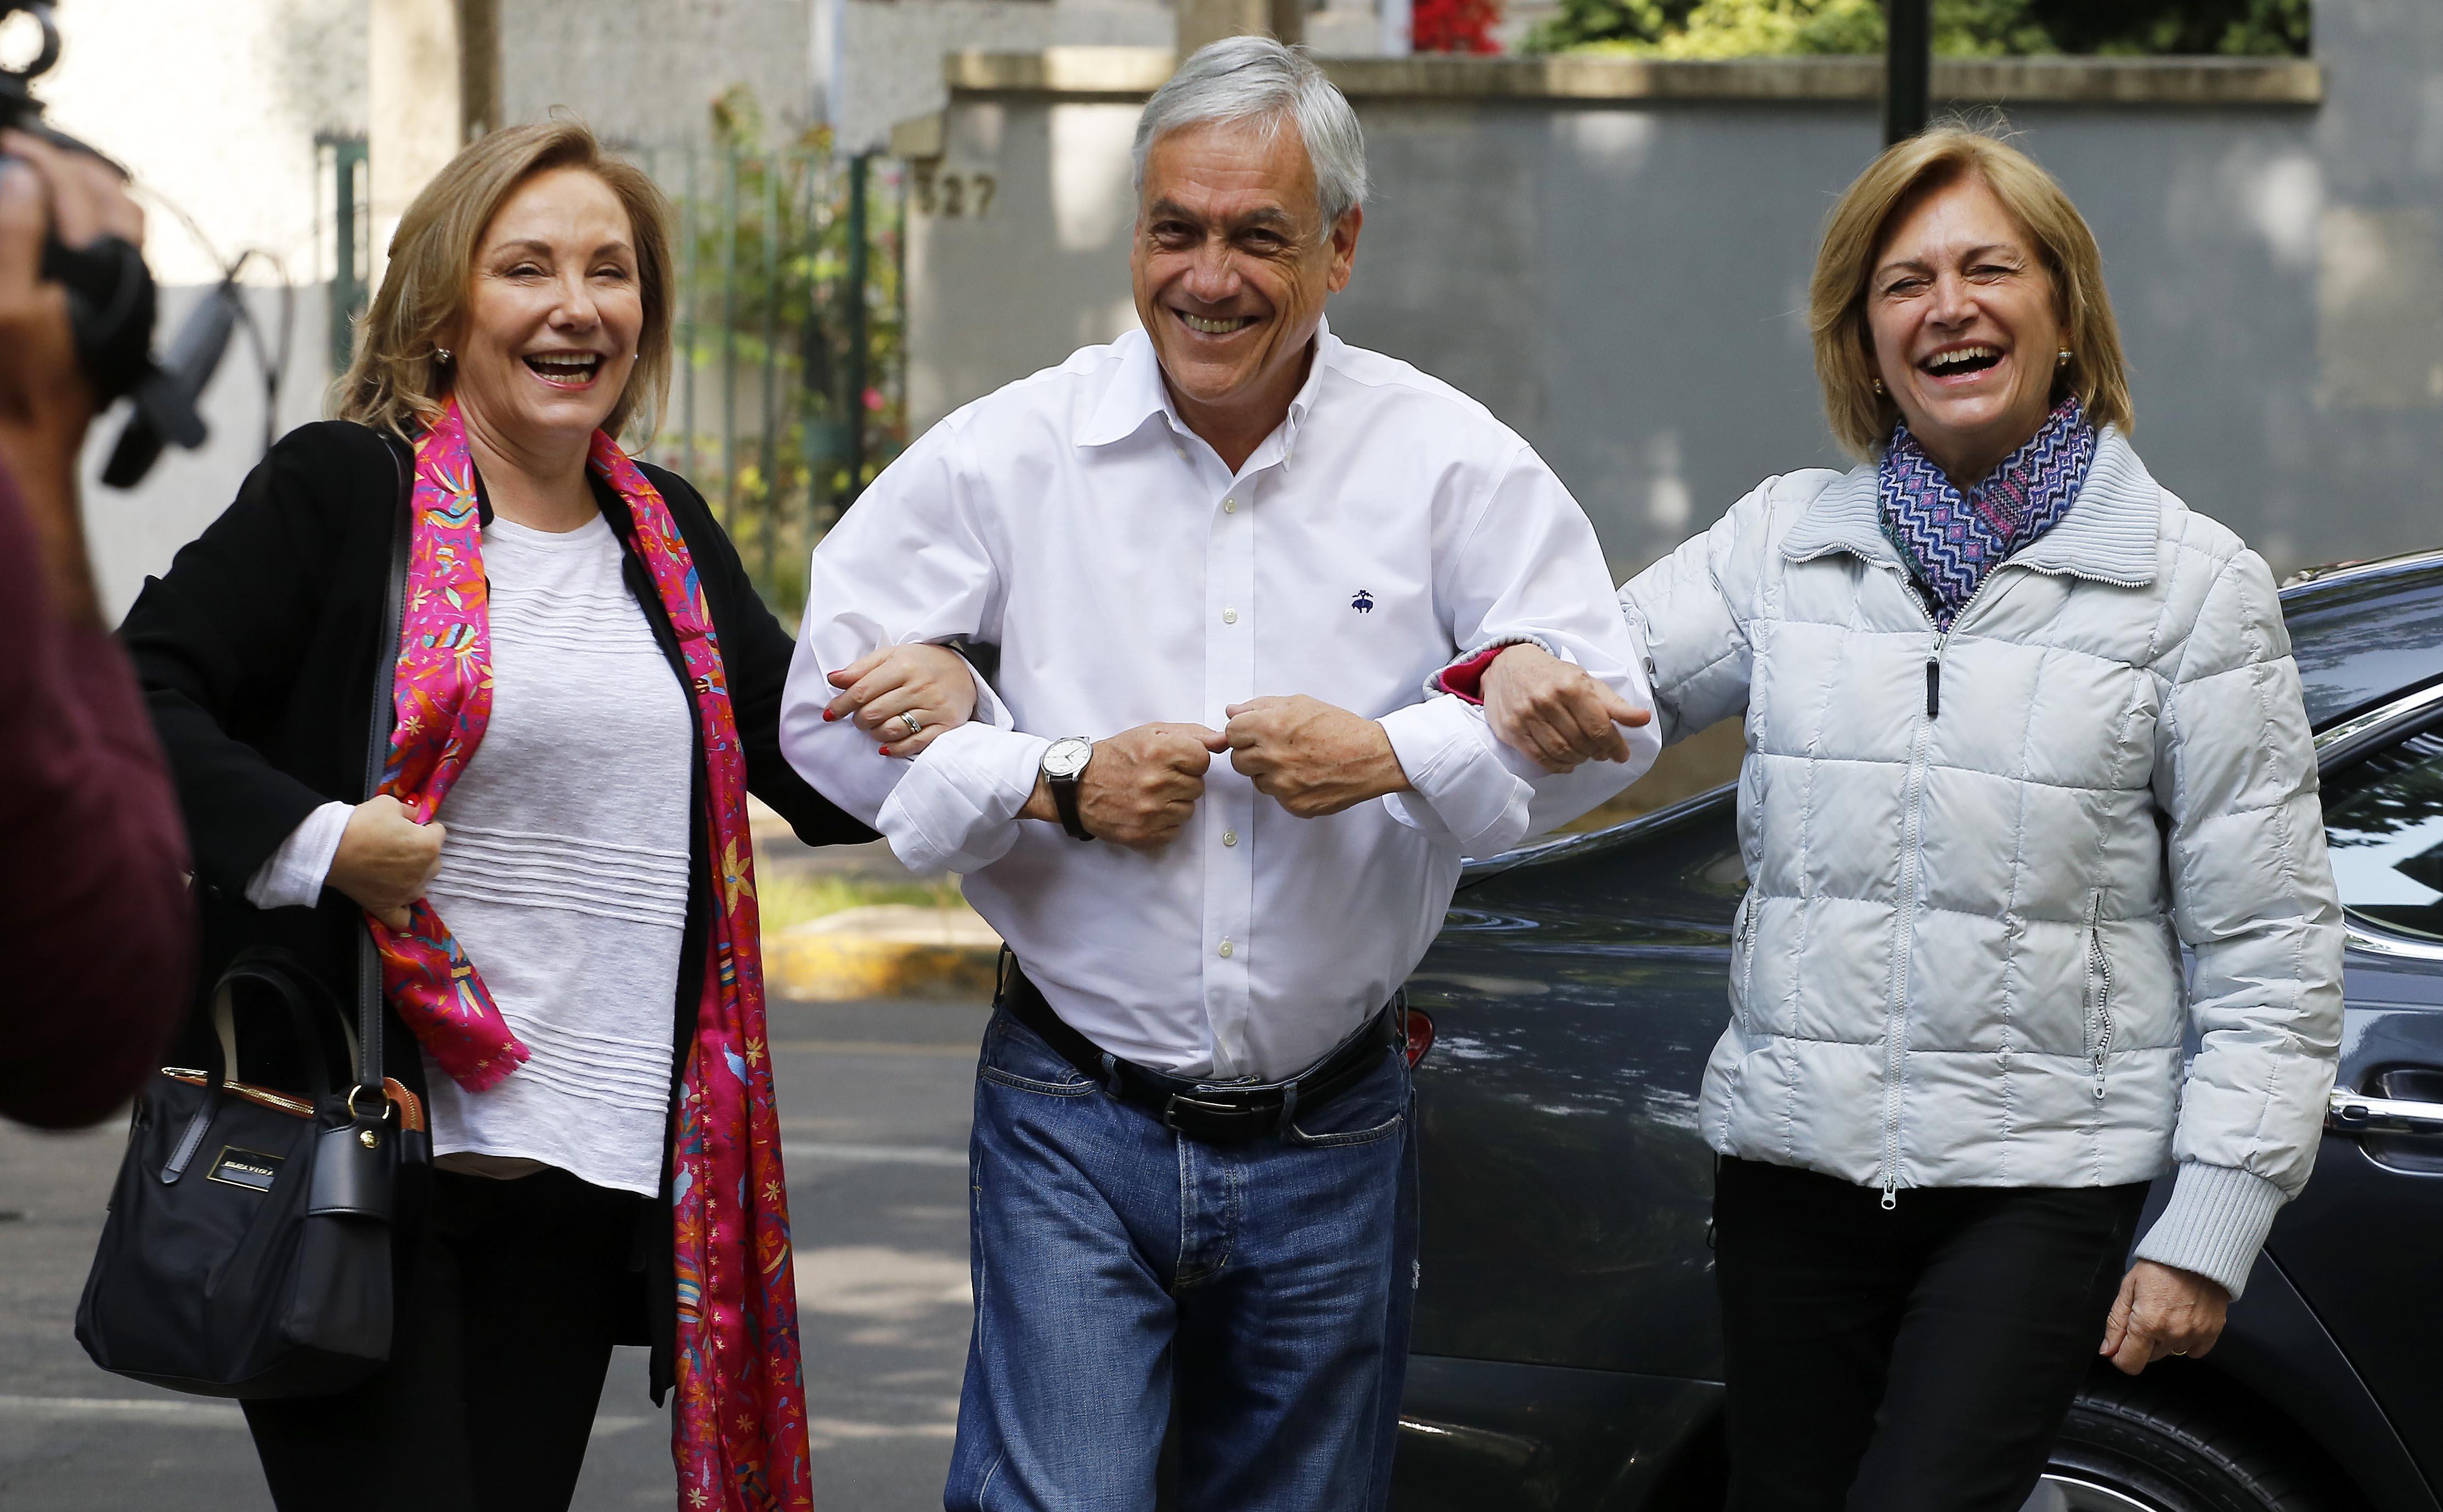 RAFA MARTINEZ/AGENCIAUNO